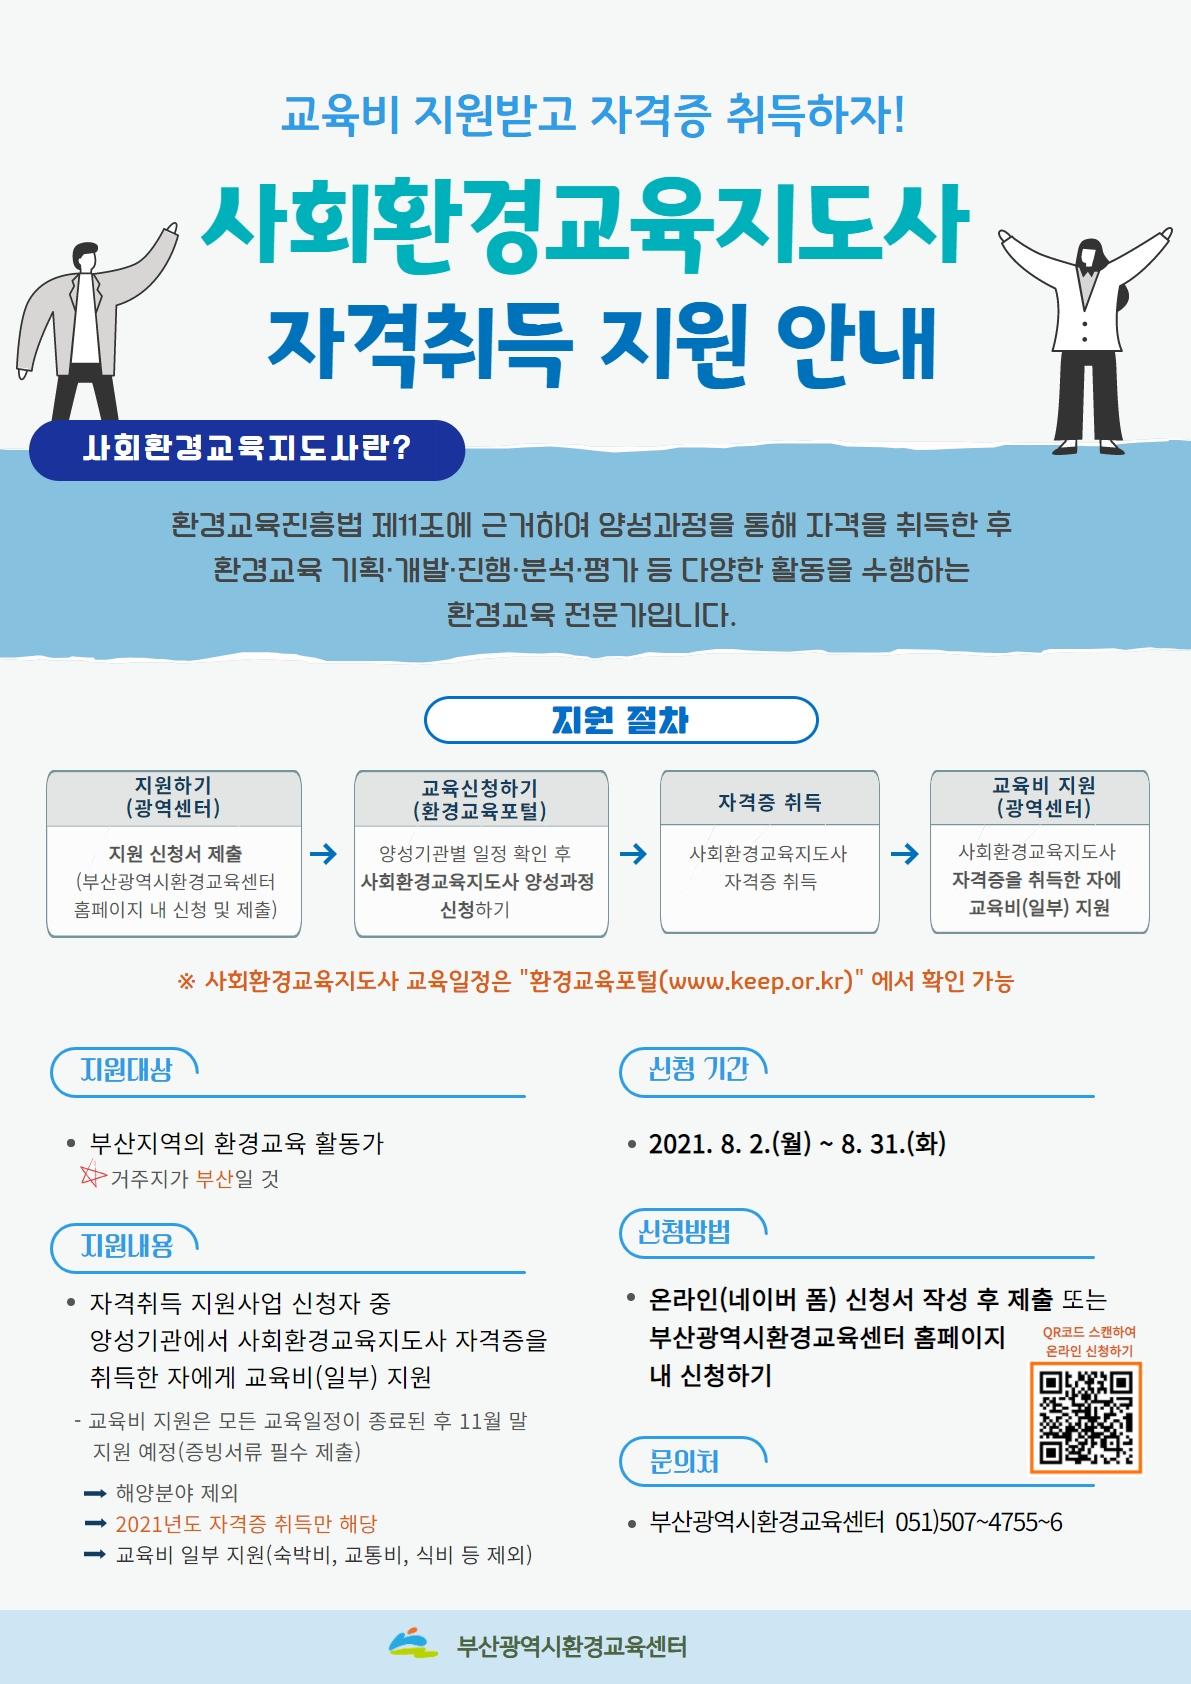 붙임 1. 홍보포스터(사회환경교육지도사 양성지원사업).jpg